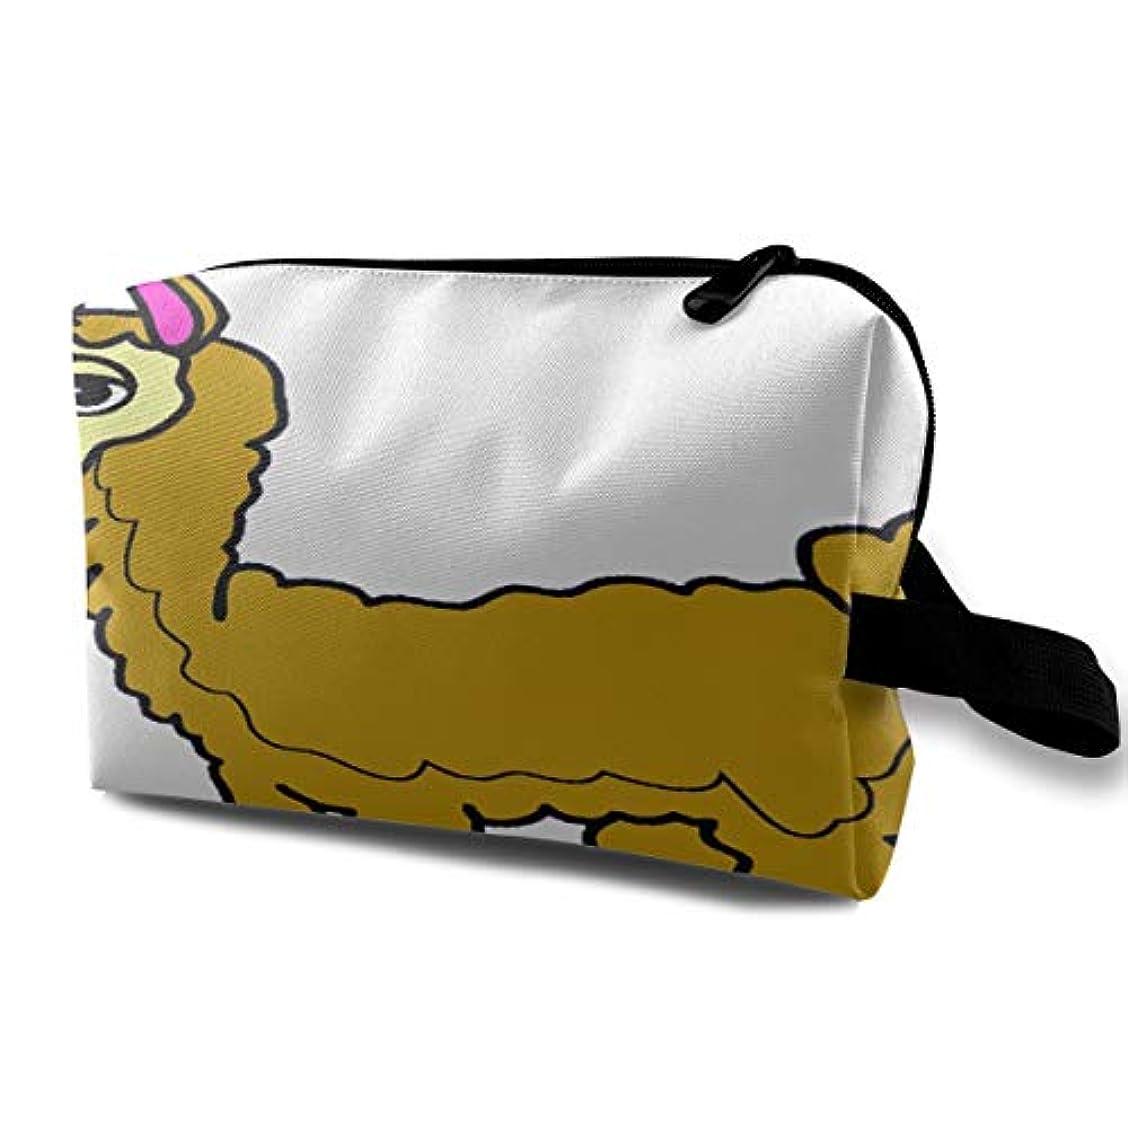 座るタック想起Cute Funny Llama 収納ポーチ 化粧ポーチ 大容量 軽量 耐久性 ハンドル付持ち運び便利。入れ 自宅?出張?旅行?アウトドア撮影などに対応。メンズ レディース トラベルグッズ